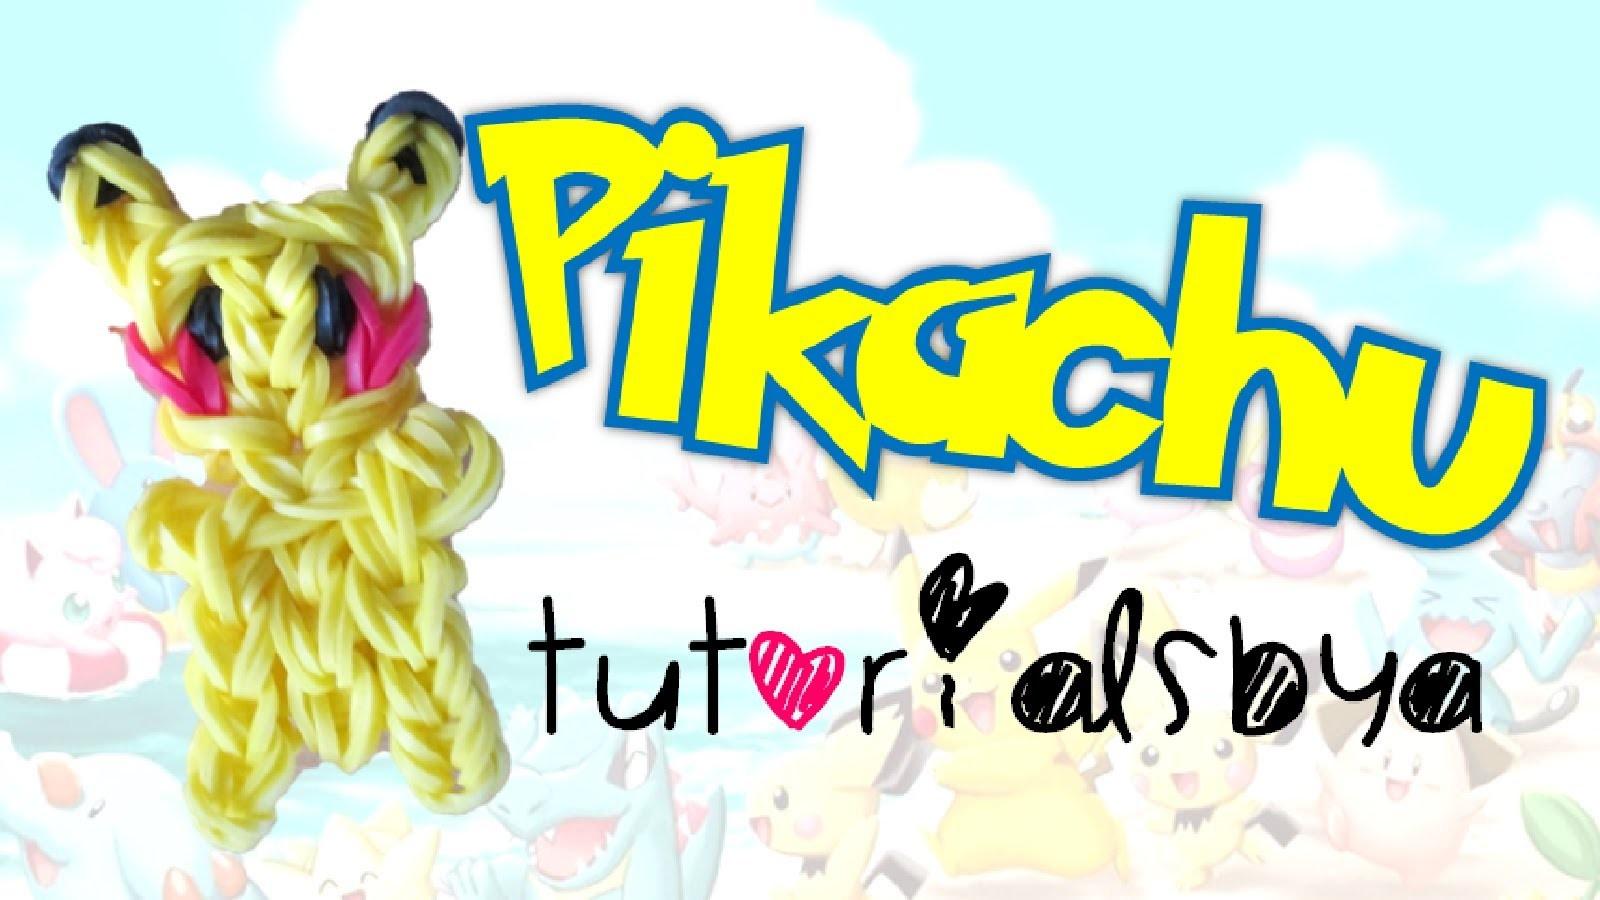 Pikachu Figurine.Charm Rainbow Loom Tutorial